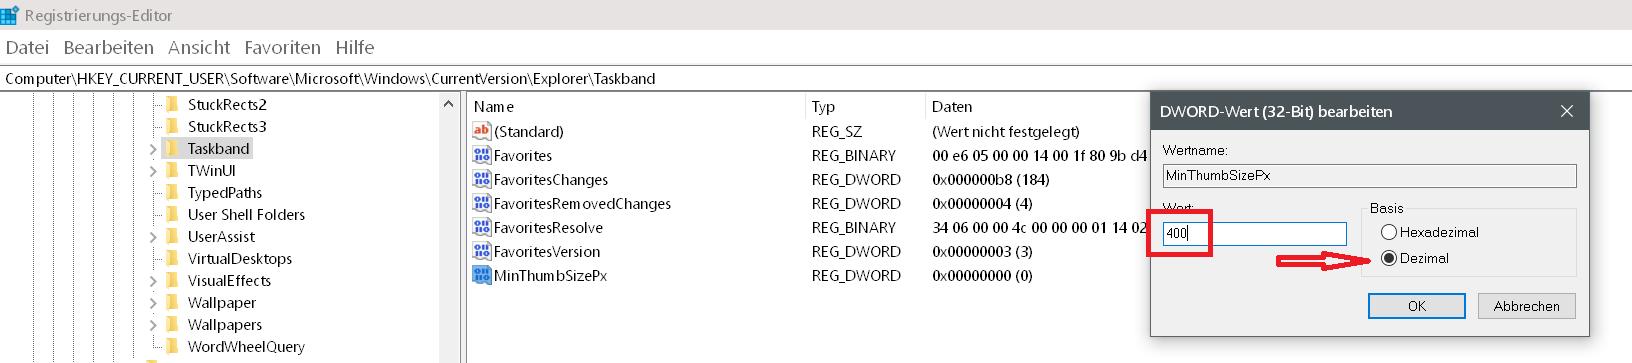 dword wert - Windows 10 Vorschaubild in der Taskleiste vergrößern